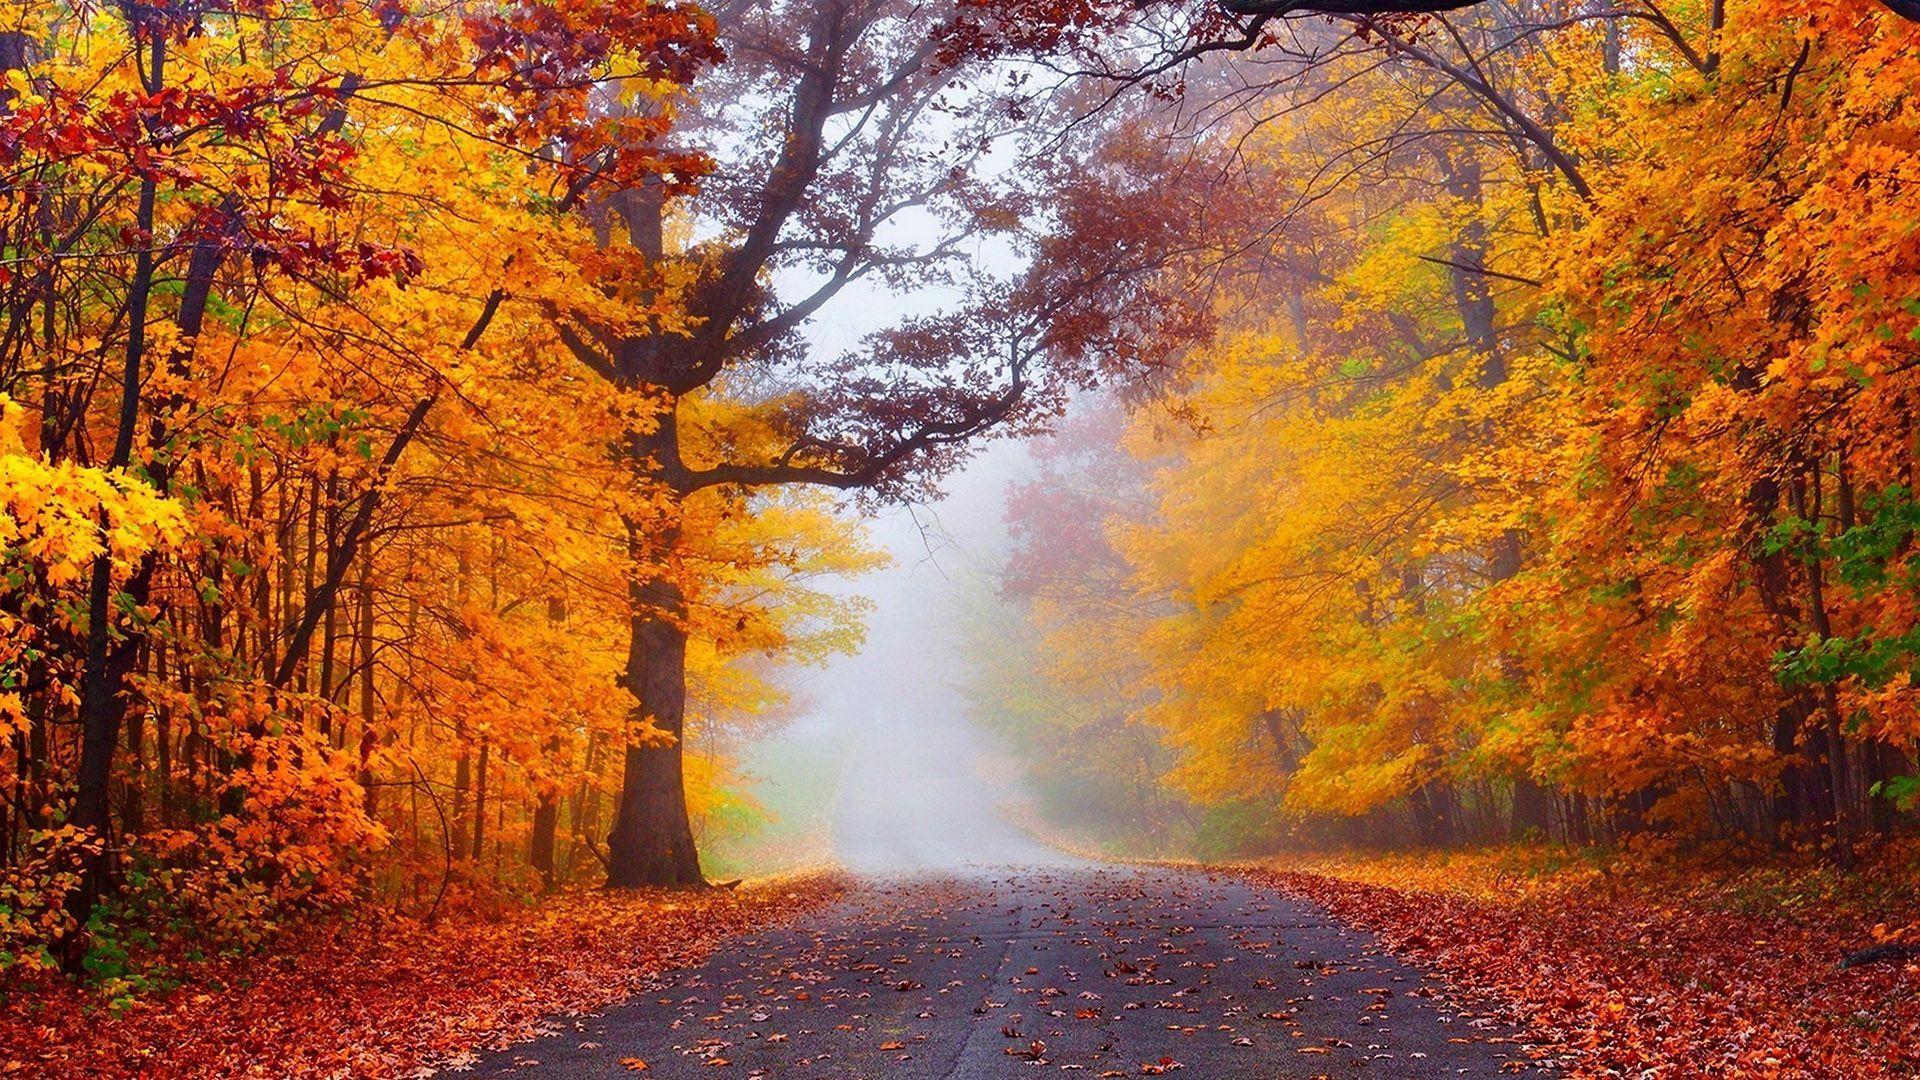 Дорога в осеннем лесу туман осень лес дорога